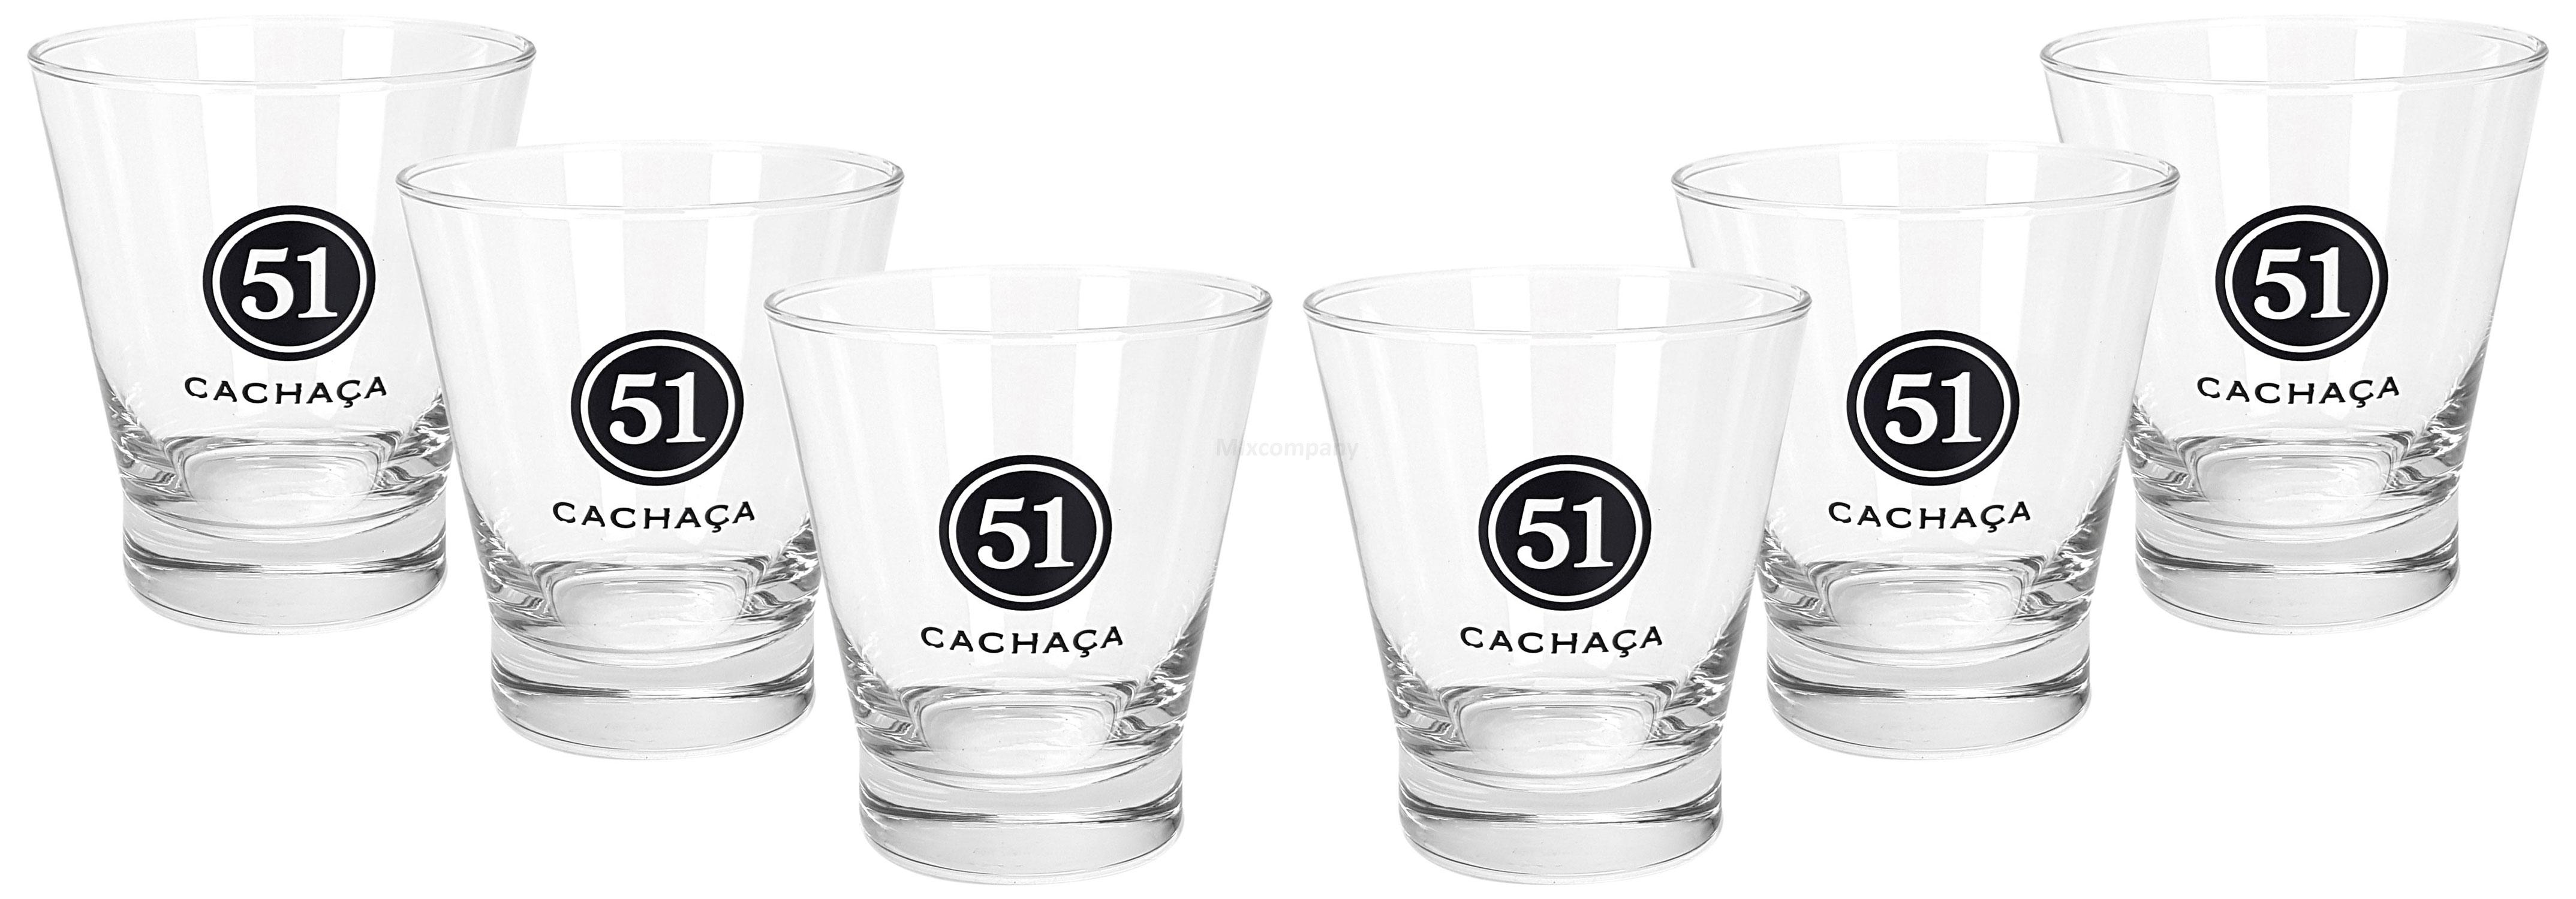 Cachaca 51 Tumbler Glas Gläser Set - 6x Tumbler